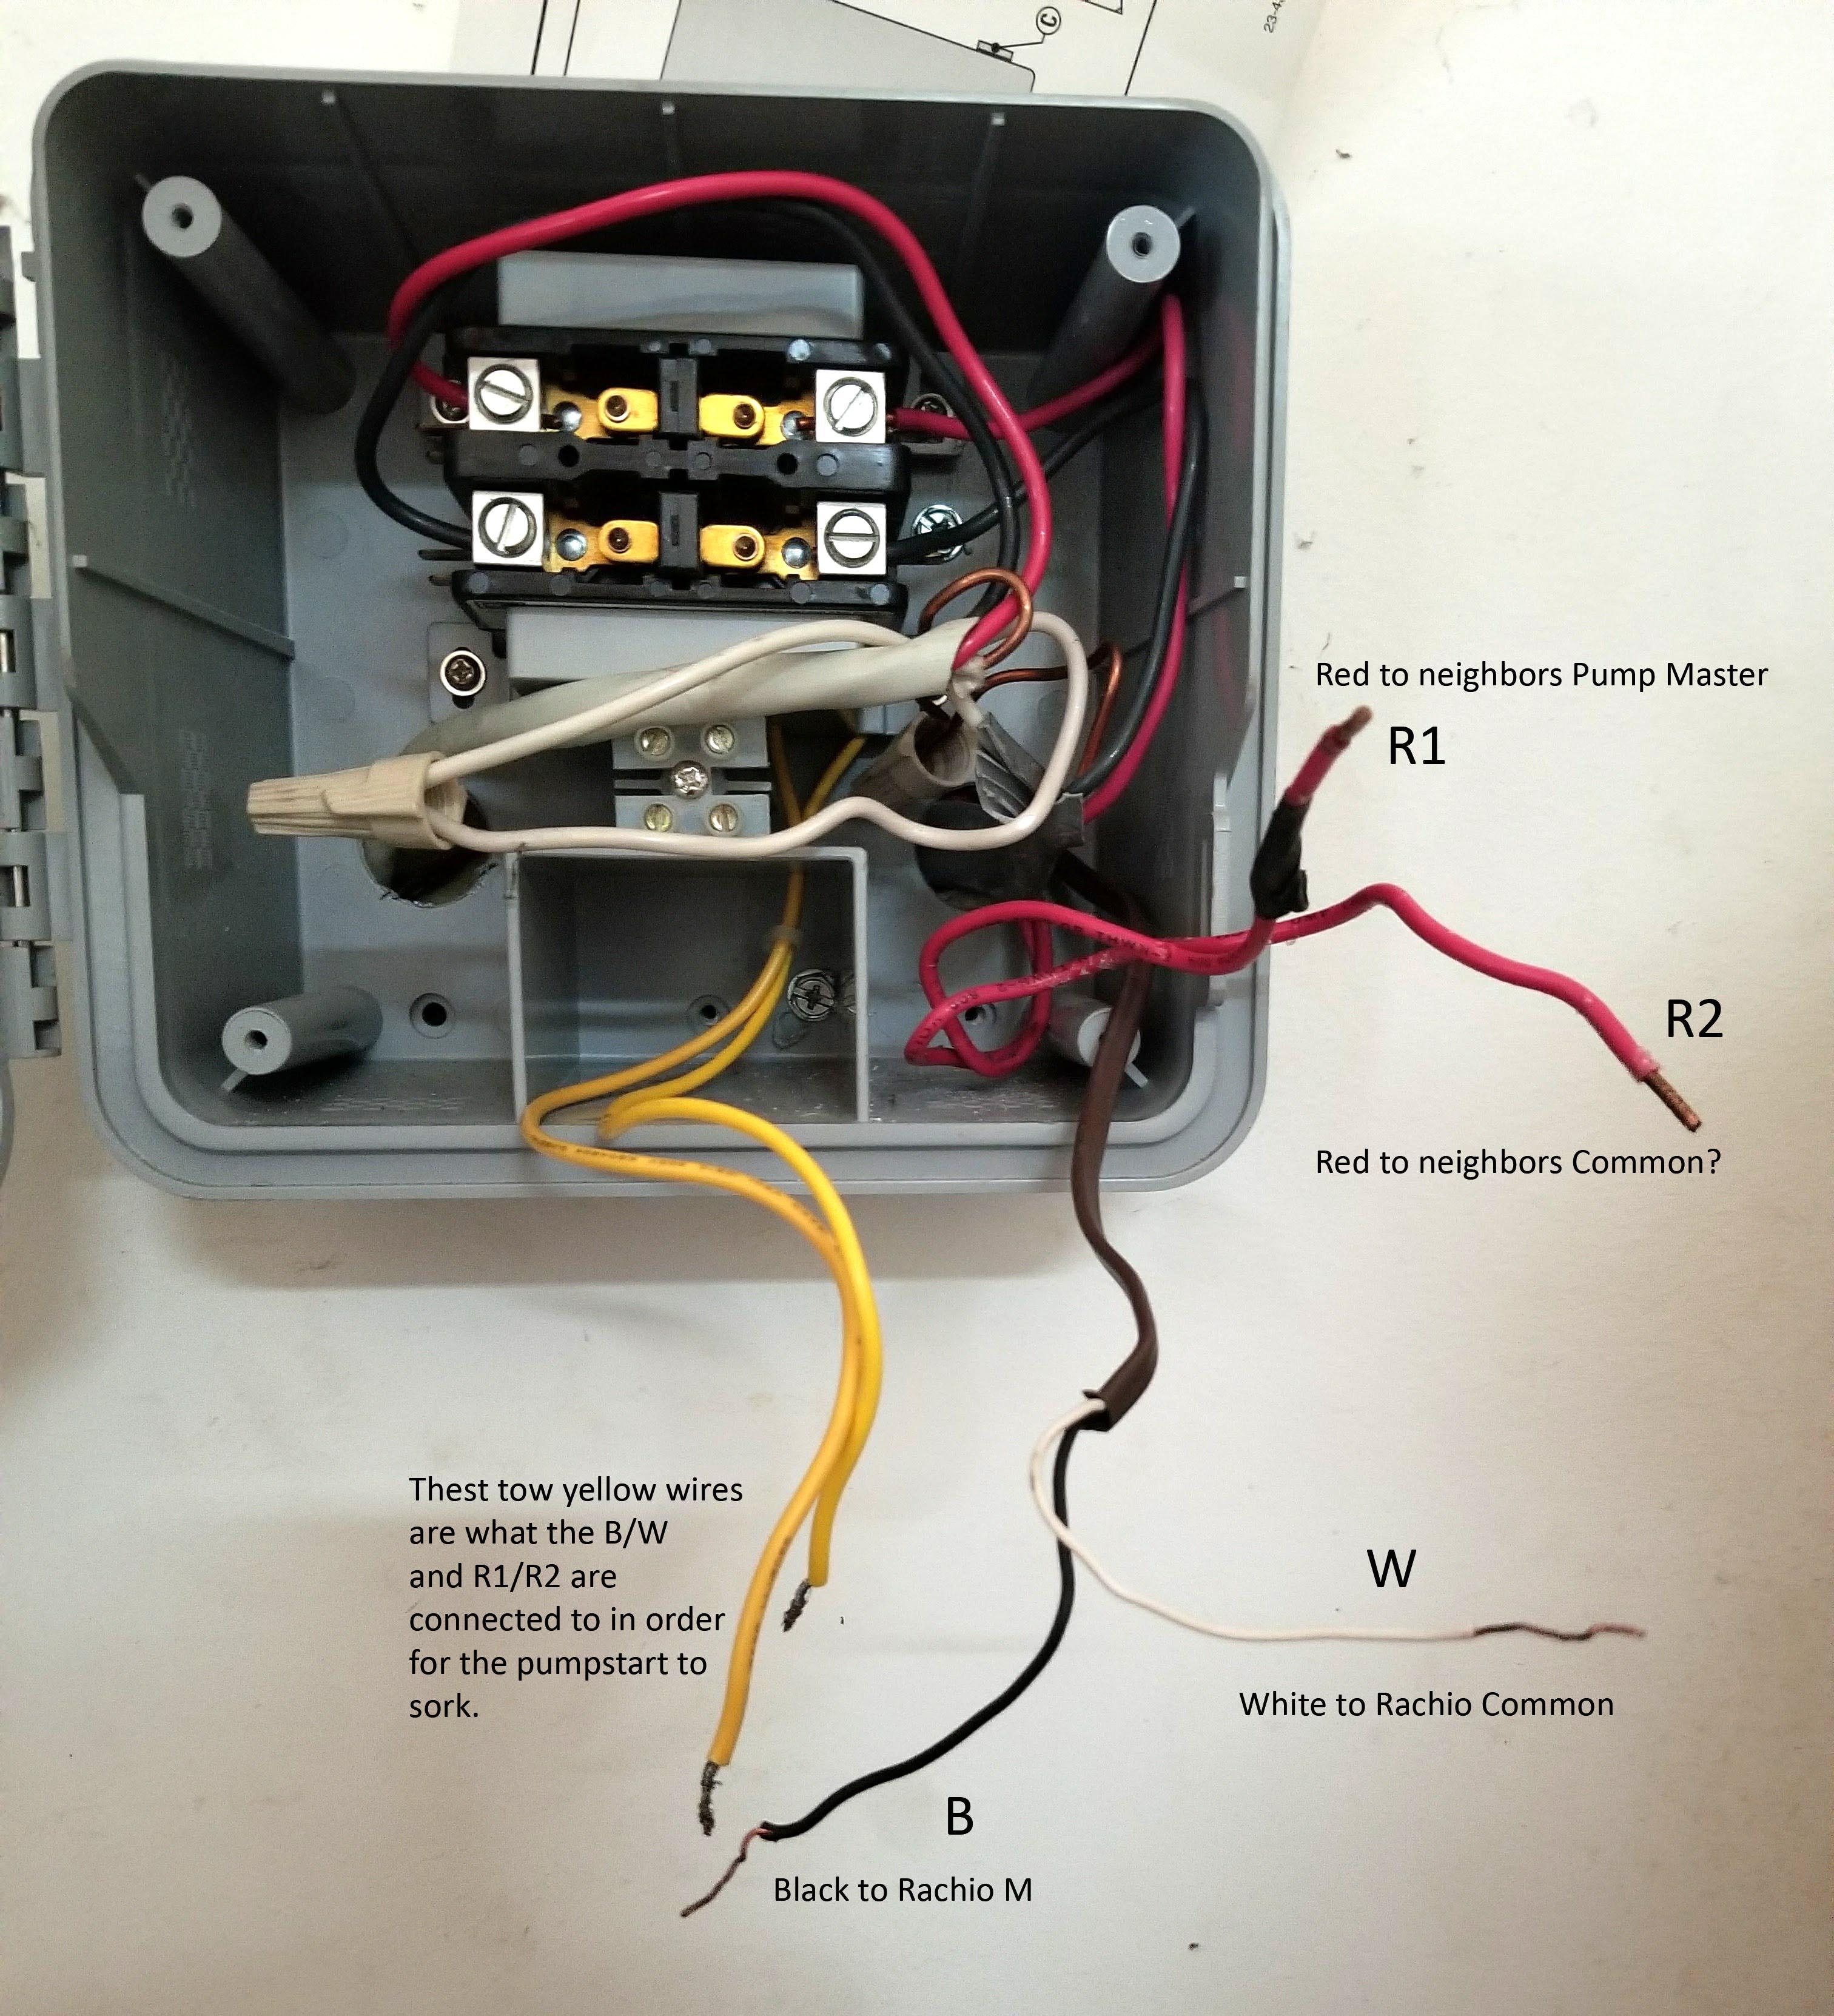 2Nd Gen Sharing A Pump Start Relay With A Hunter Controller - Pump Start Relay Wiring Diagram